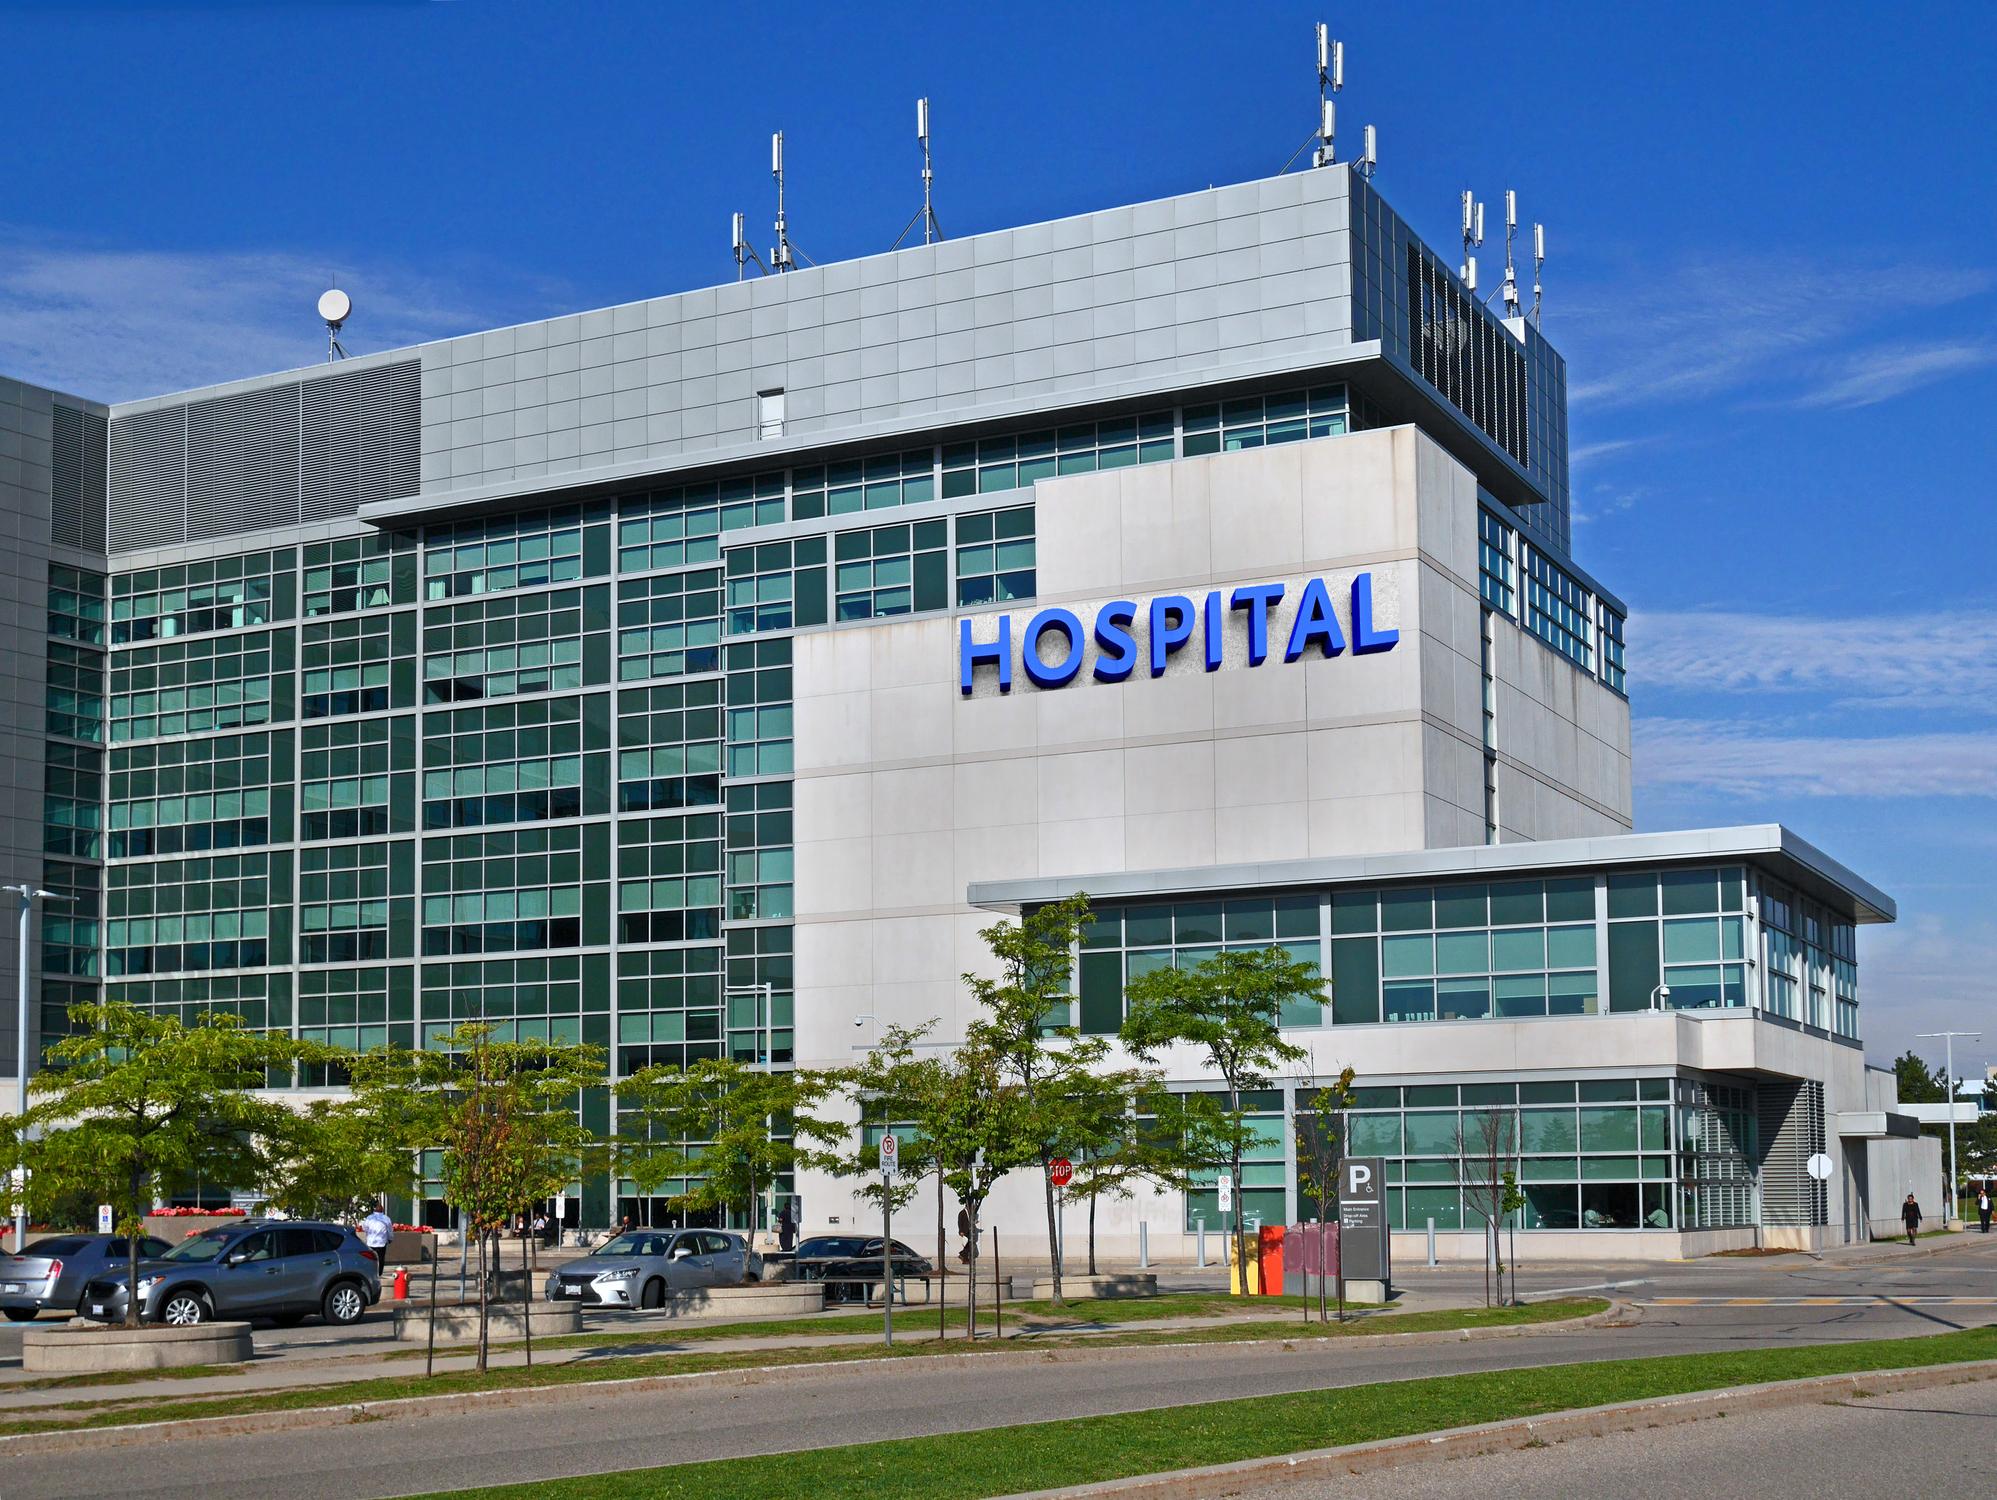 Fikk en regning på 800 000 kr etter kun 1 natt på sykehus i Los Angeles